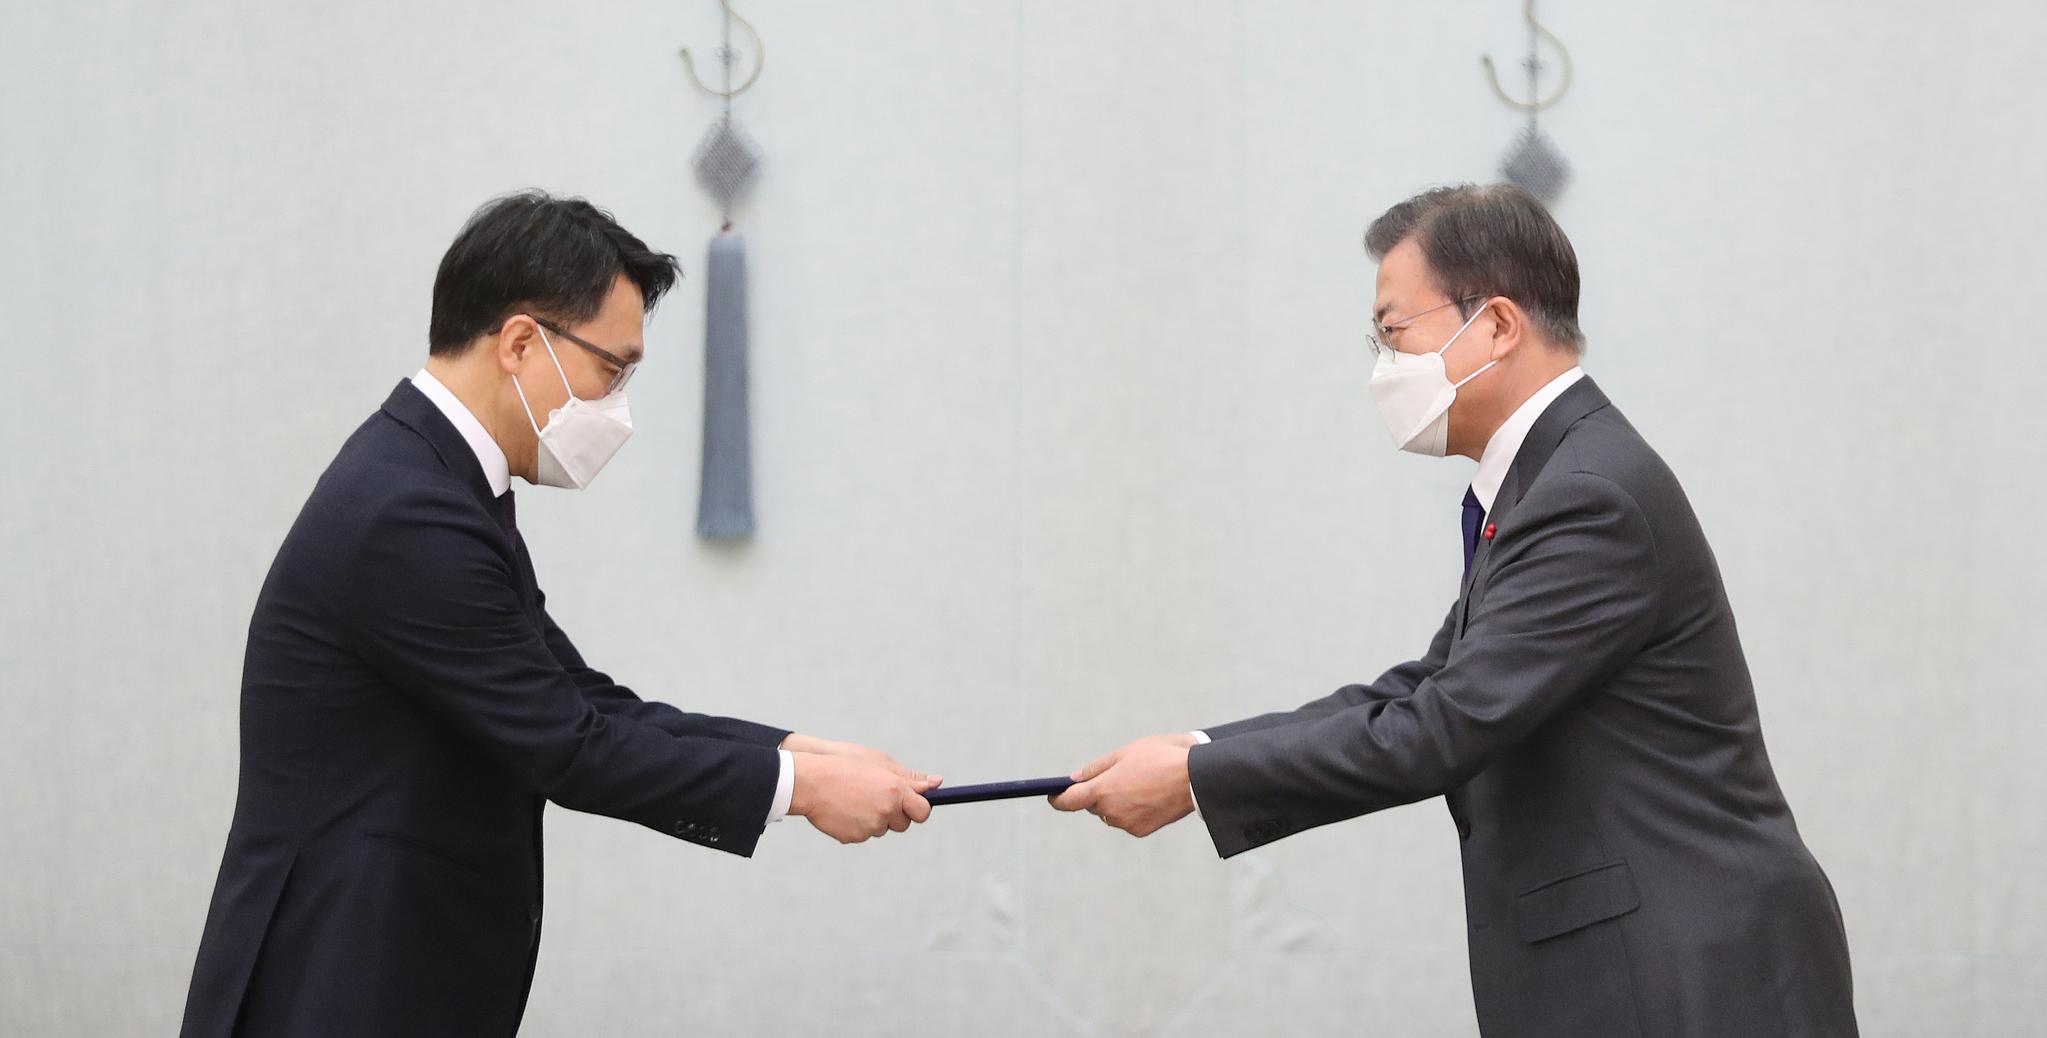 문재인 대통령이 21일 청와대에서 김진욱 초대 고위공직자범죄수사처장에게 임명장을 수여하고 있다. 청와대사진기자단